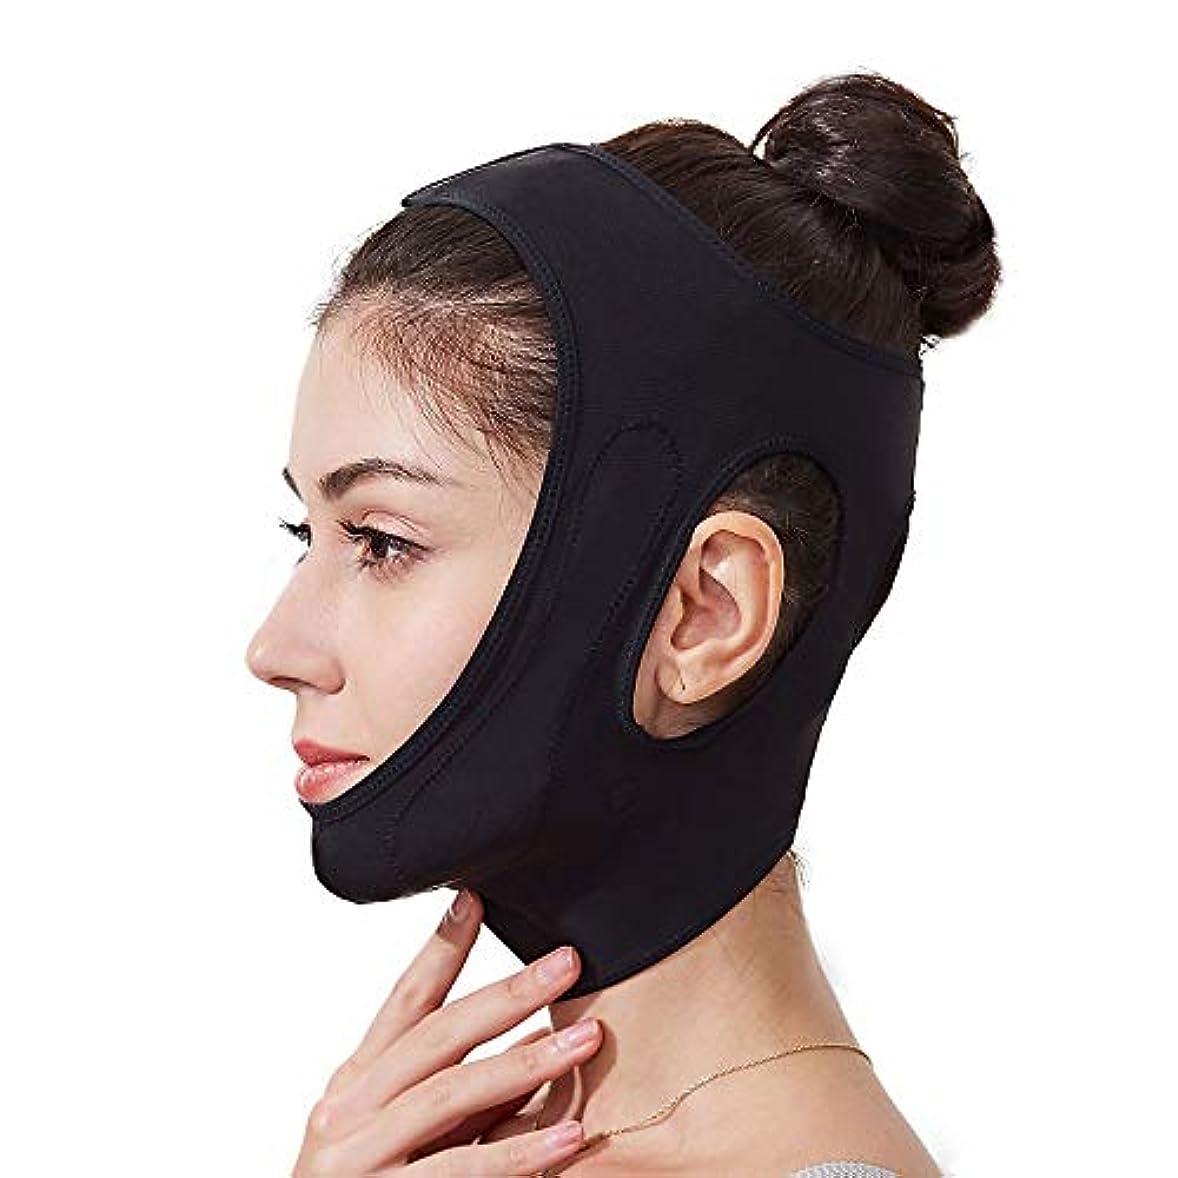 死んでいる司法抜本的なHEMFV フェイスリフティングスリムチンはバンドチンケアマスクを持ち上げリフティング包帯、通気性アンチリンクルリフトV対面を (Color : Black)